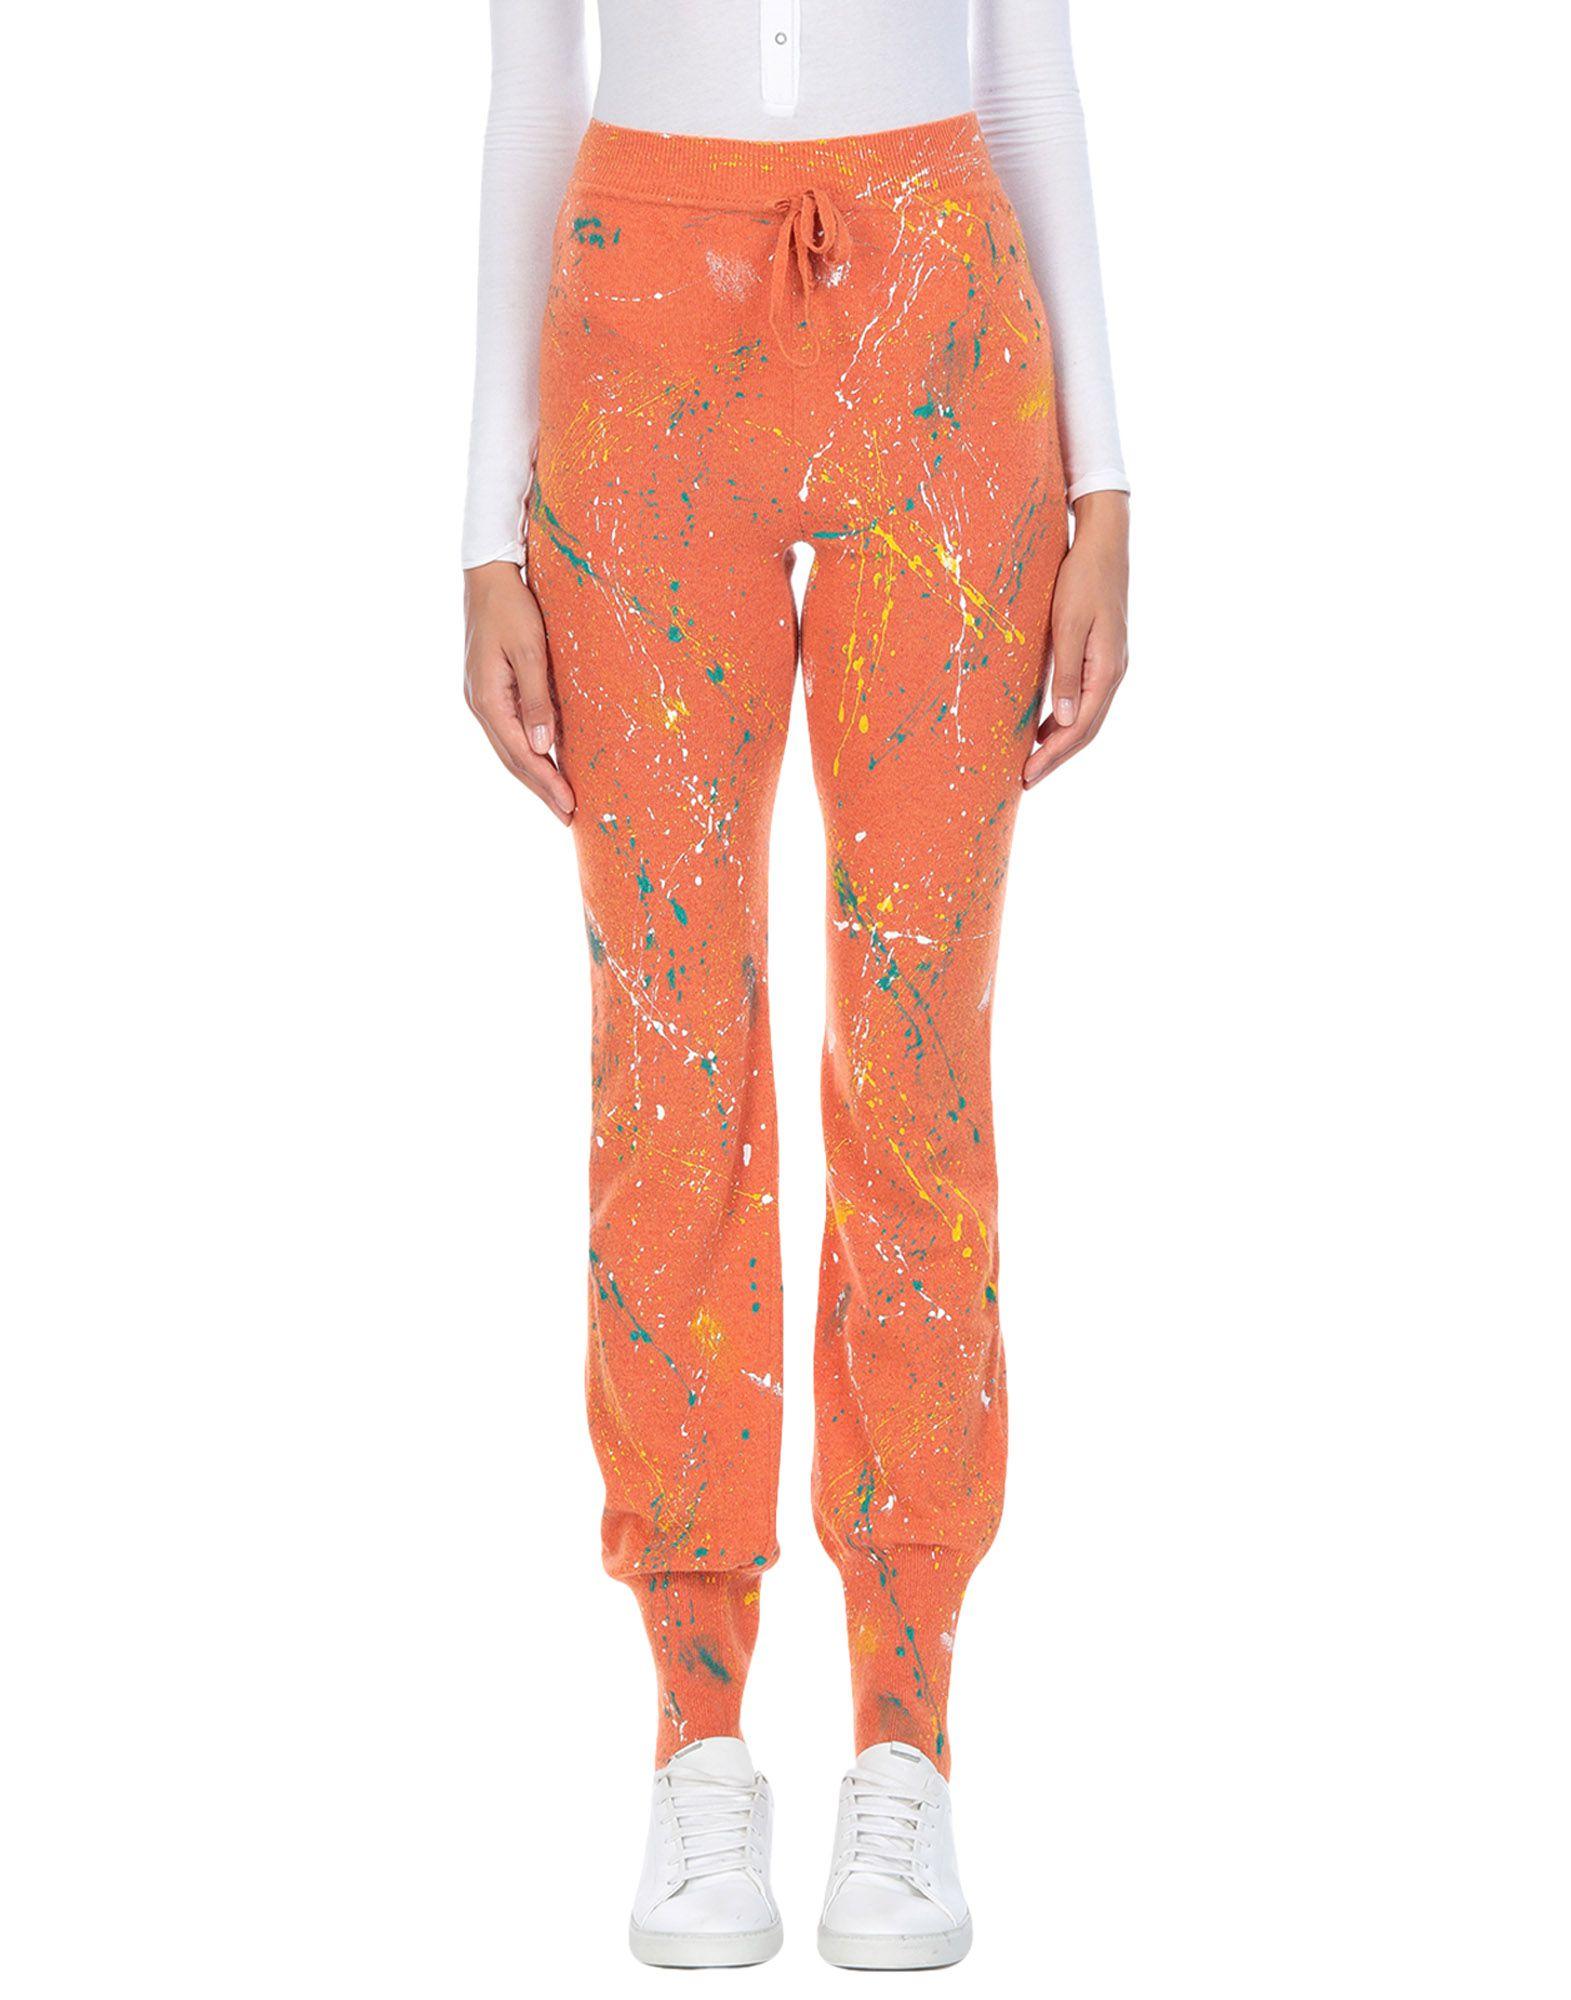 《送料無料》ANDREAS KRONTHALER for VIVIENNE WESTWOOD レディース パンツ オレンジ L/XL カシミヤ 97% / ウール 3%